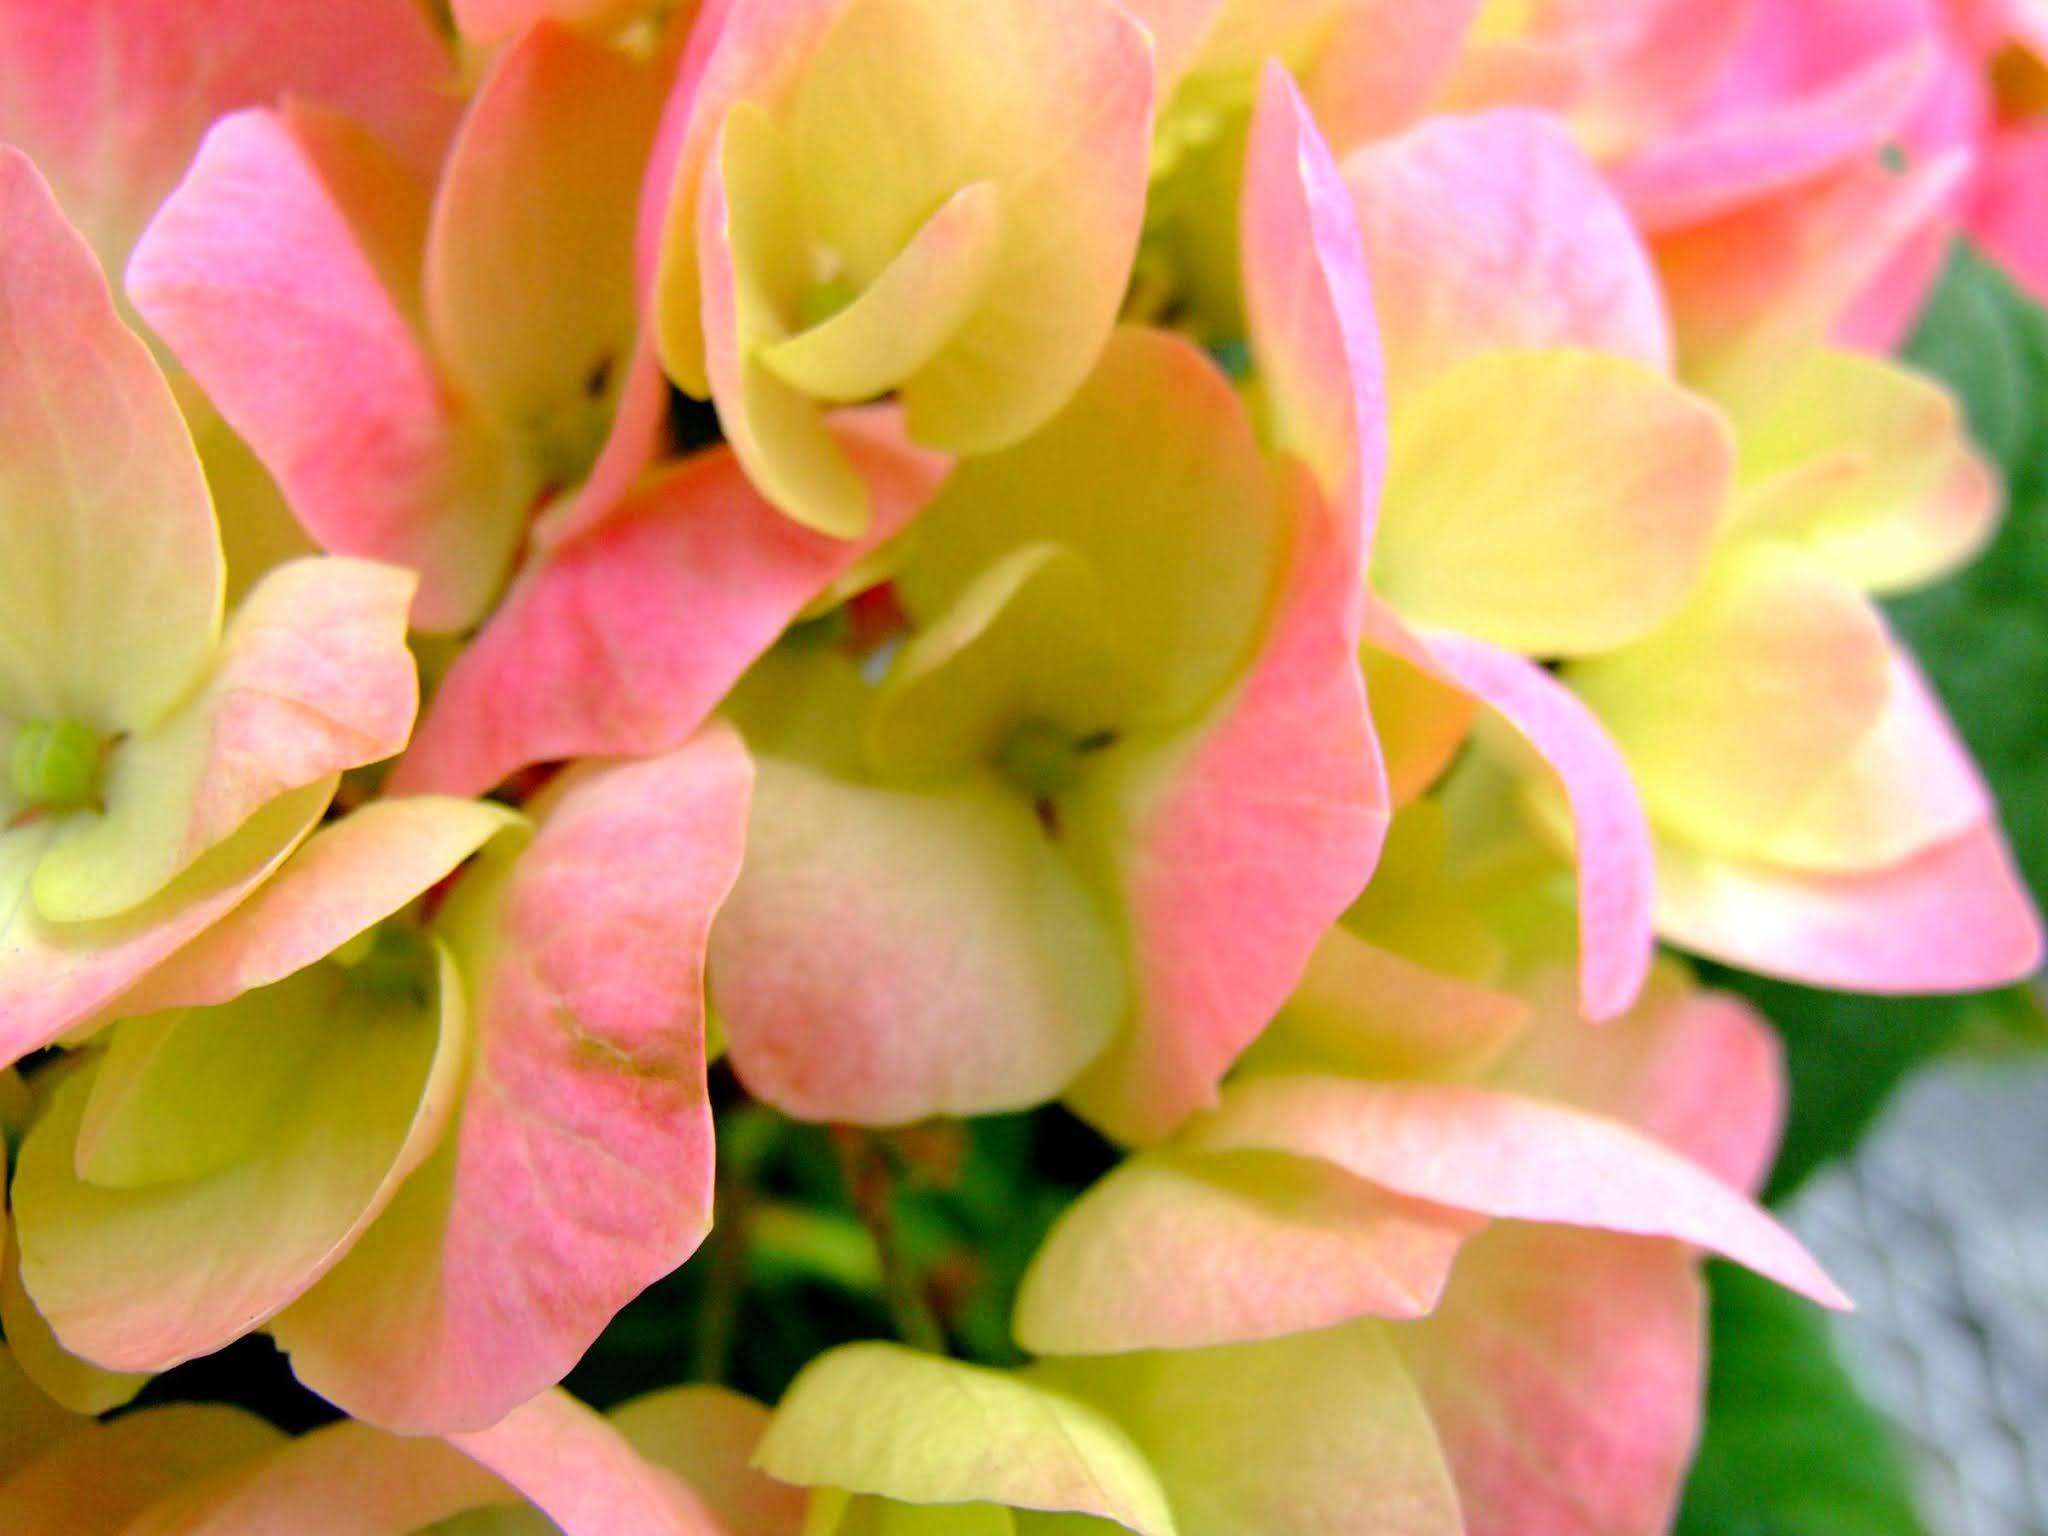 ピンクと黄色のグラデーションがキレイなガクアジサイのドアップの写真素材です。淡くて優しい雰囲気が良いですよね。梅雨の時期のブログ記事などにどうぞ。